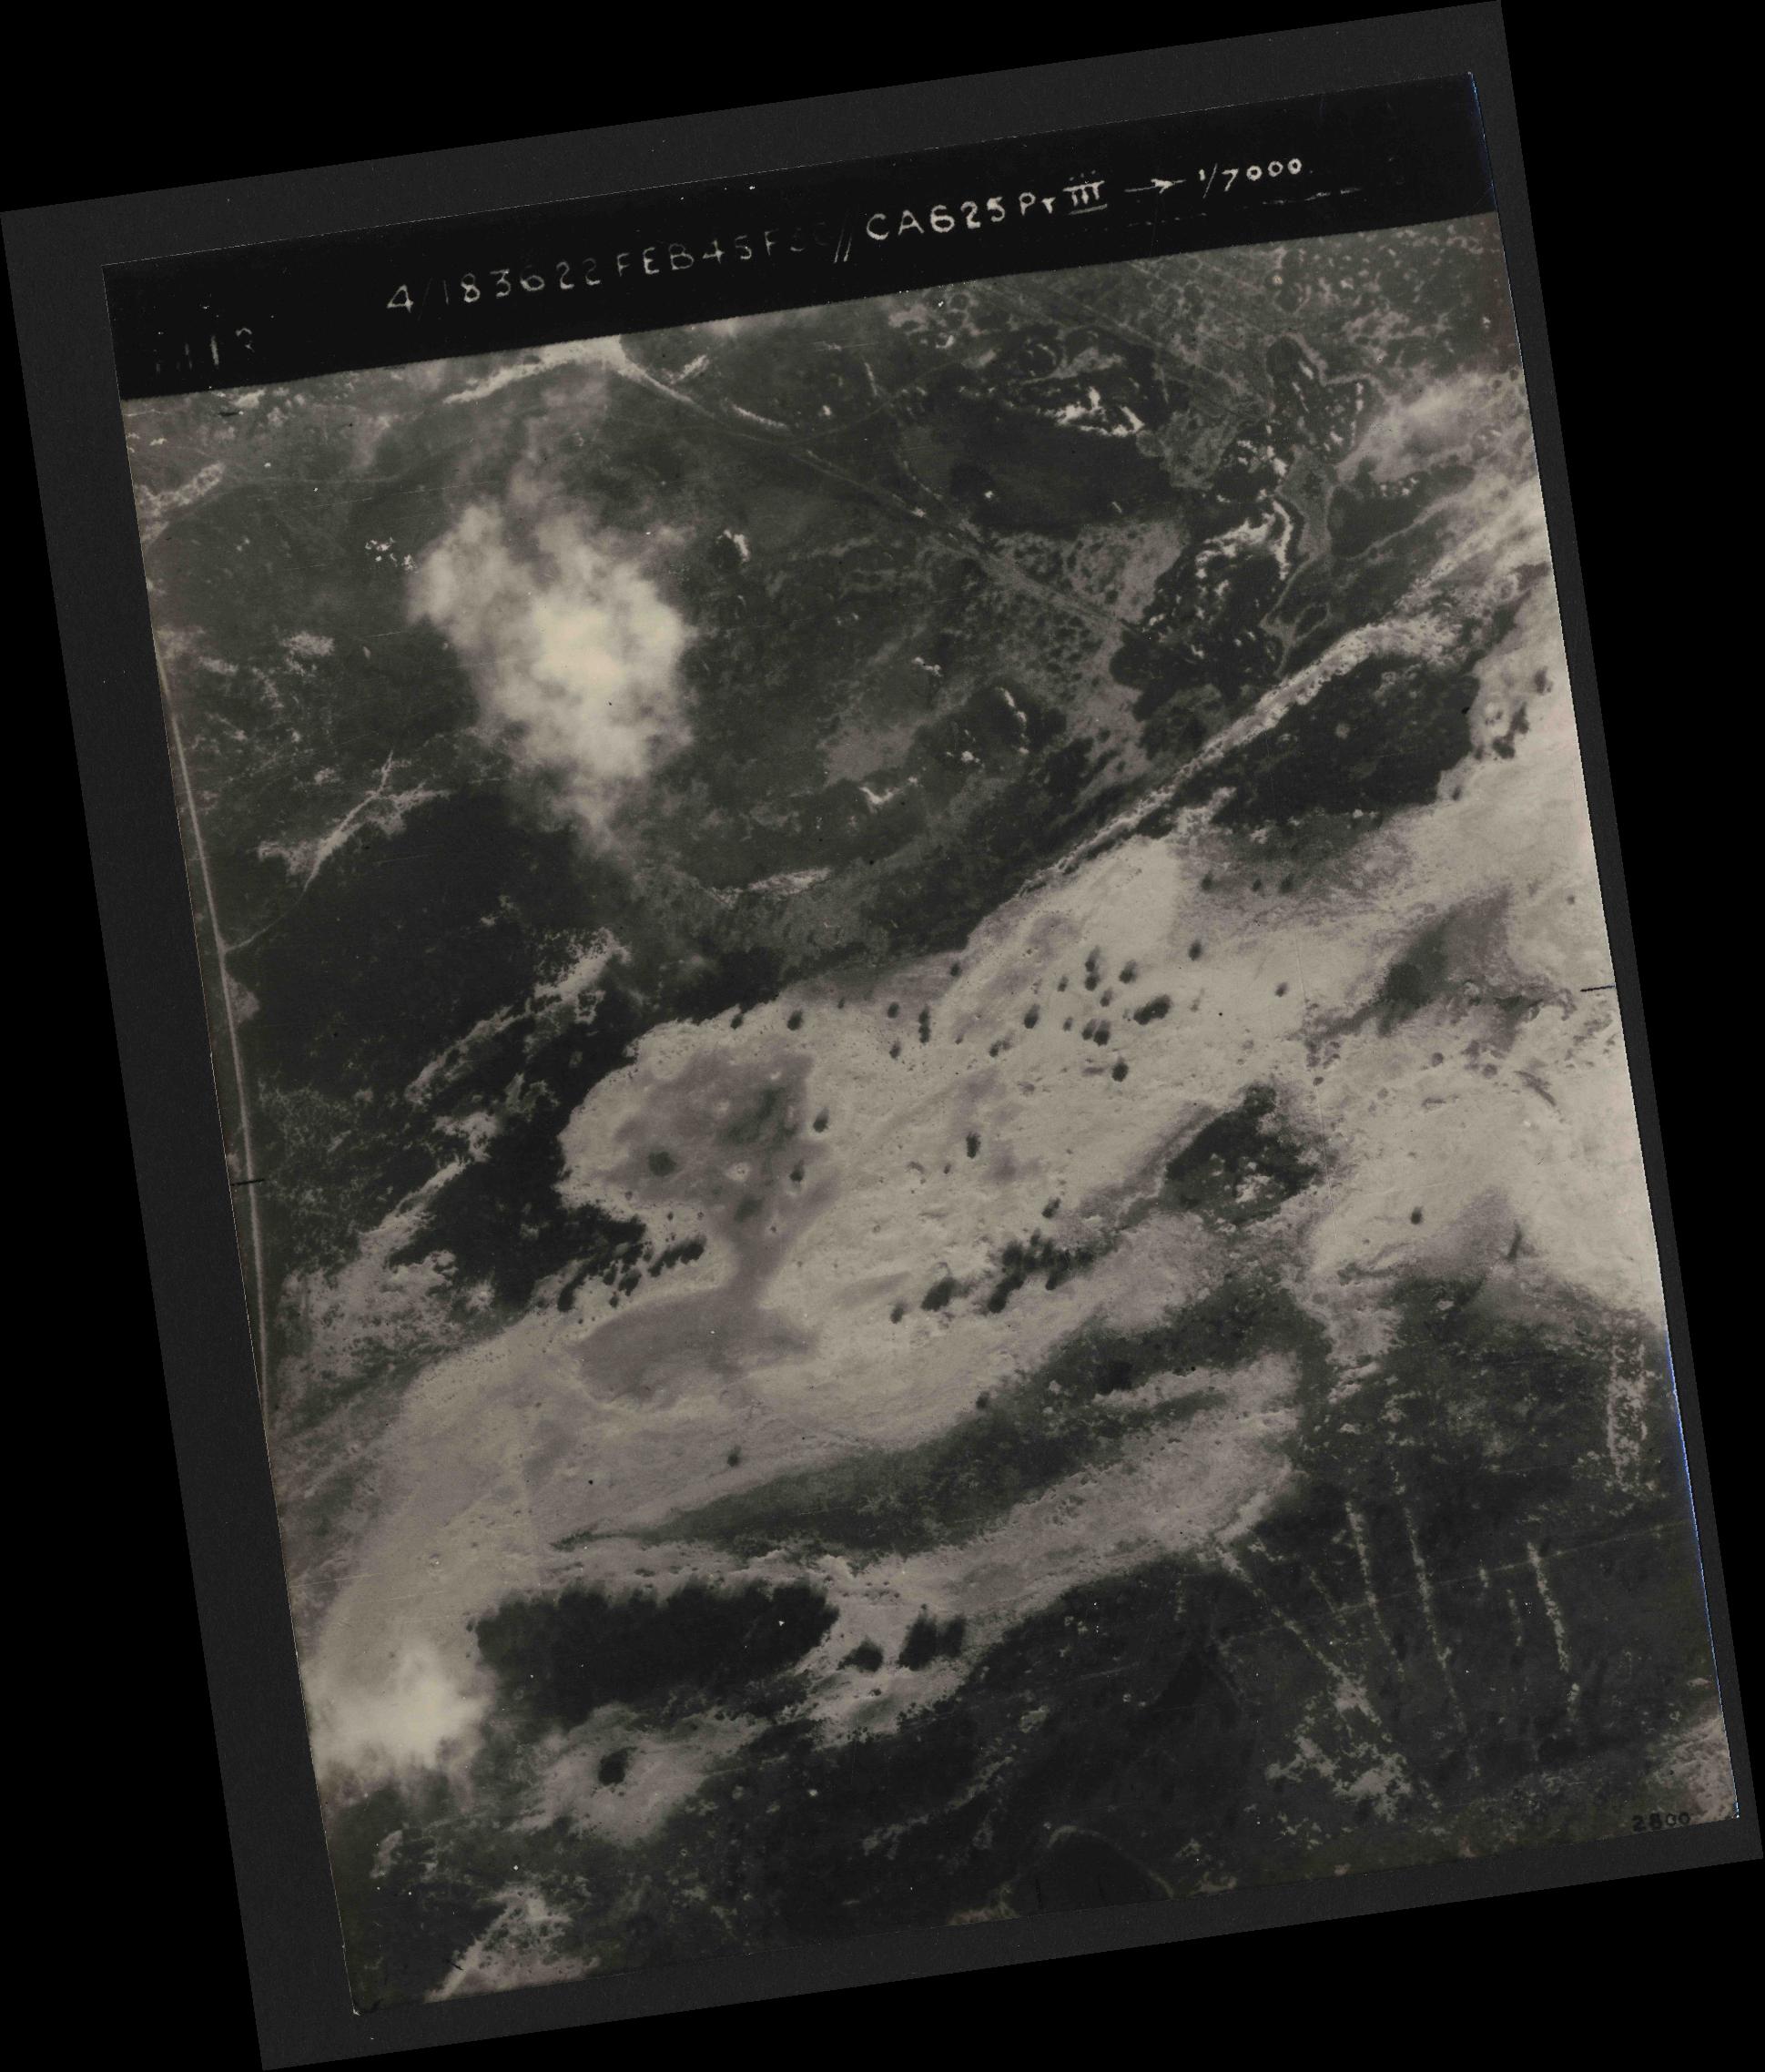 Collection RAF aerial photos 1940-1945 - flight 204, run 01, photo 3013